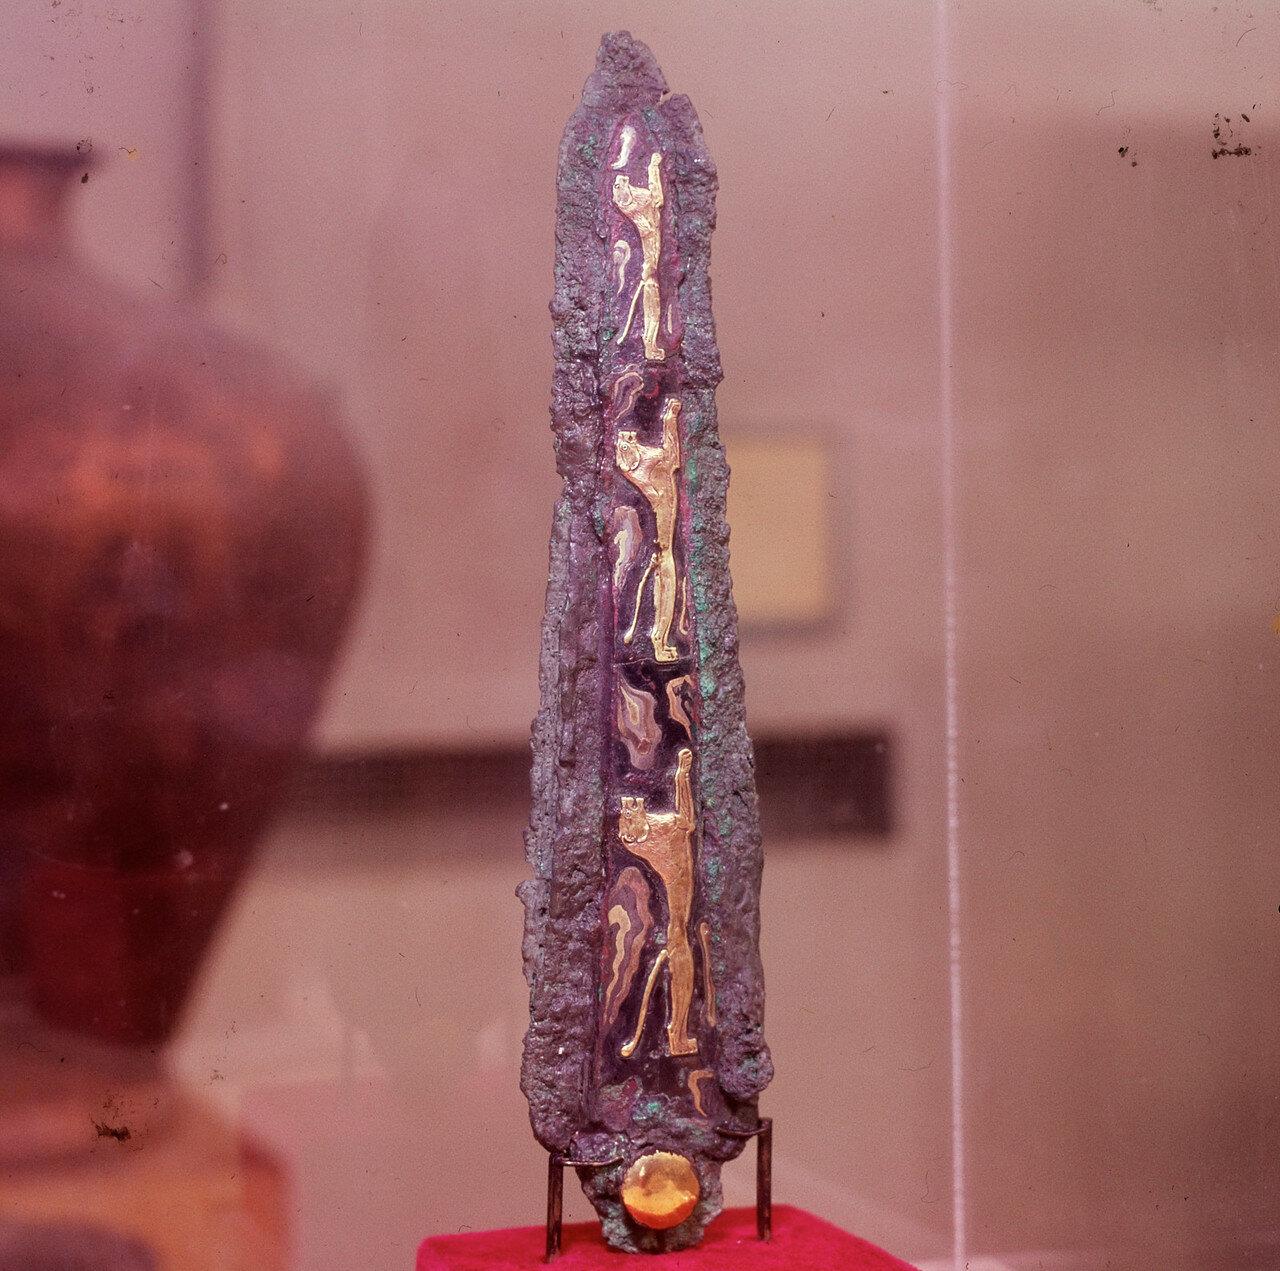 Микенский кинжал из могилы IV.  Молодые львы. Бронза, инкрустированная золотом, серебром, электрумом, чернью. Конец XVI в. до н.э. Инв 395.